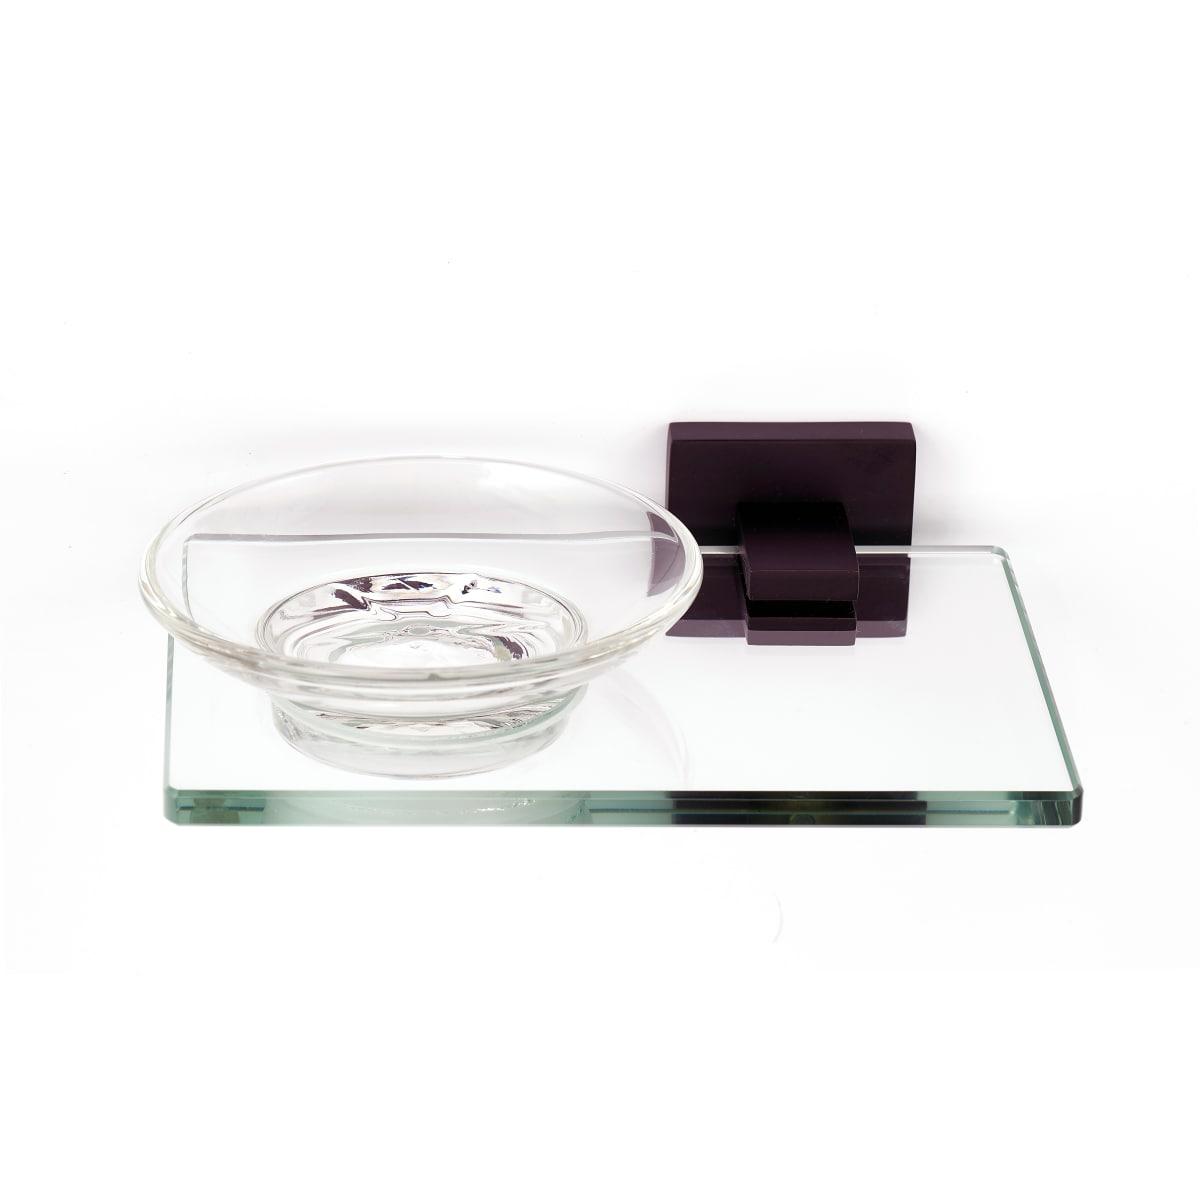 Alno Contemporary II Soap Dish